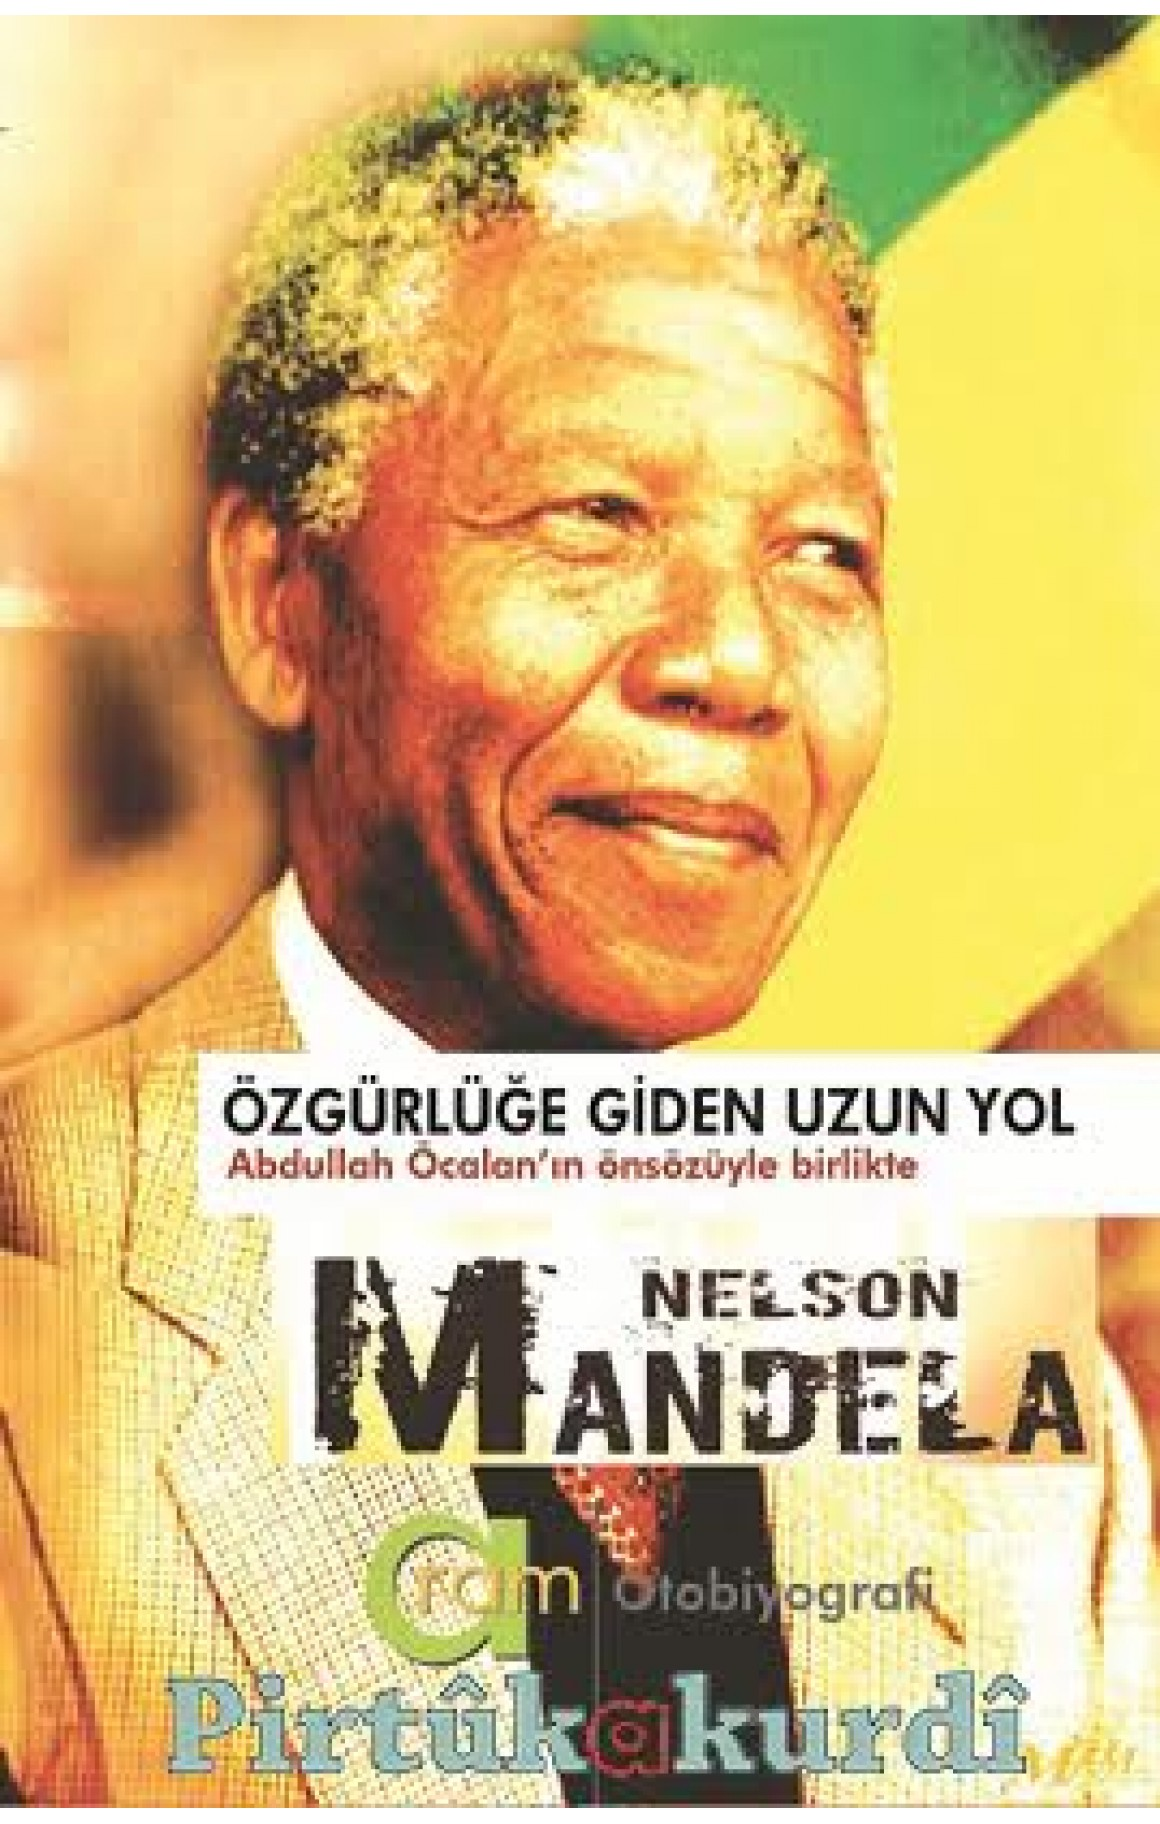 Özgürlüğe Giden Uzun Yol Nelson Mandela